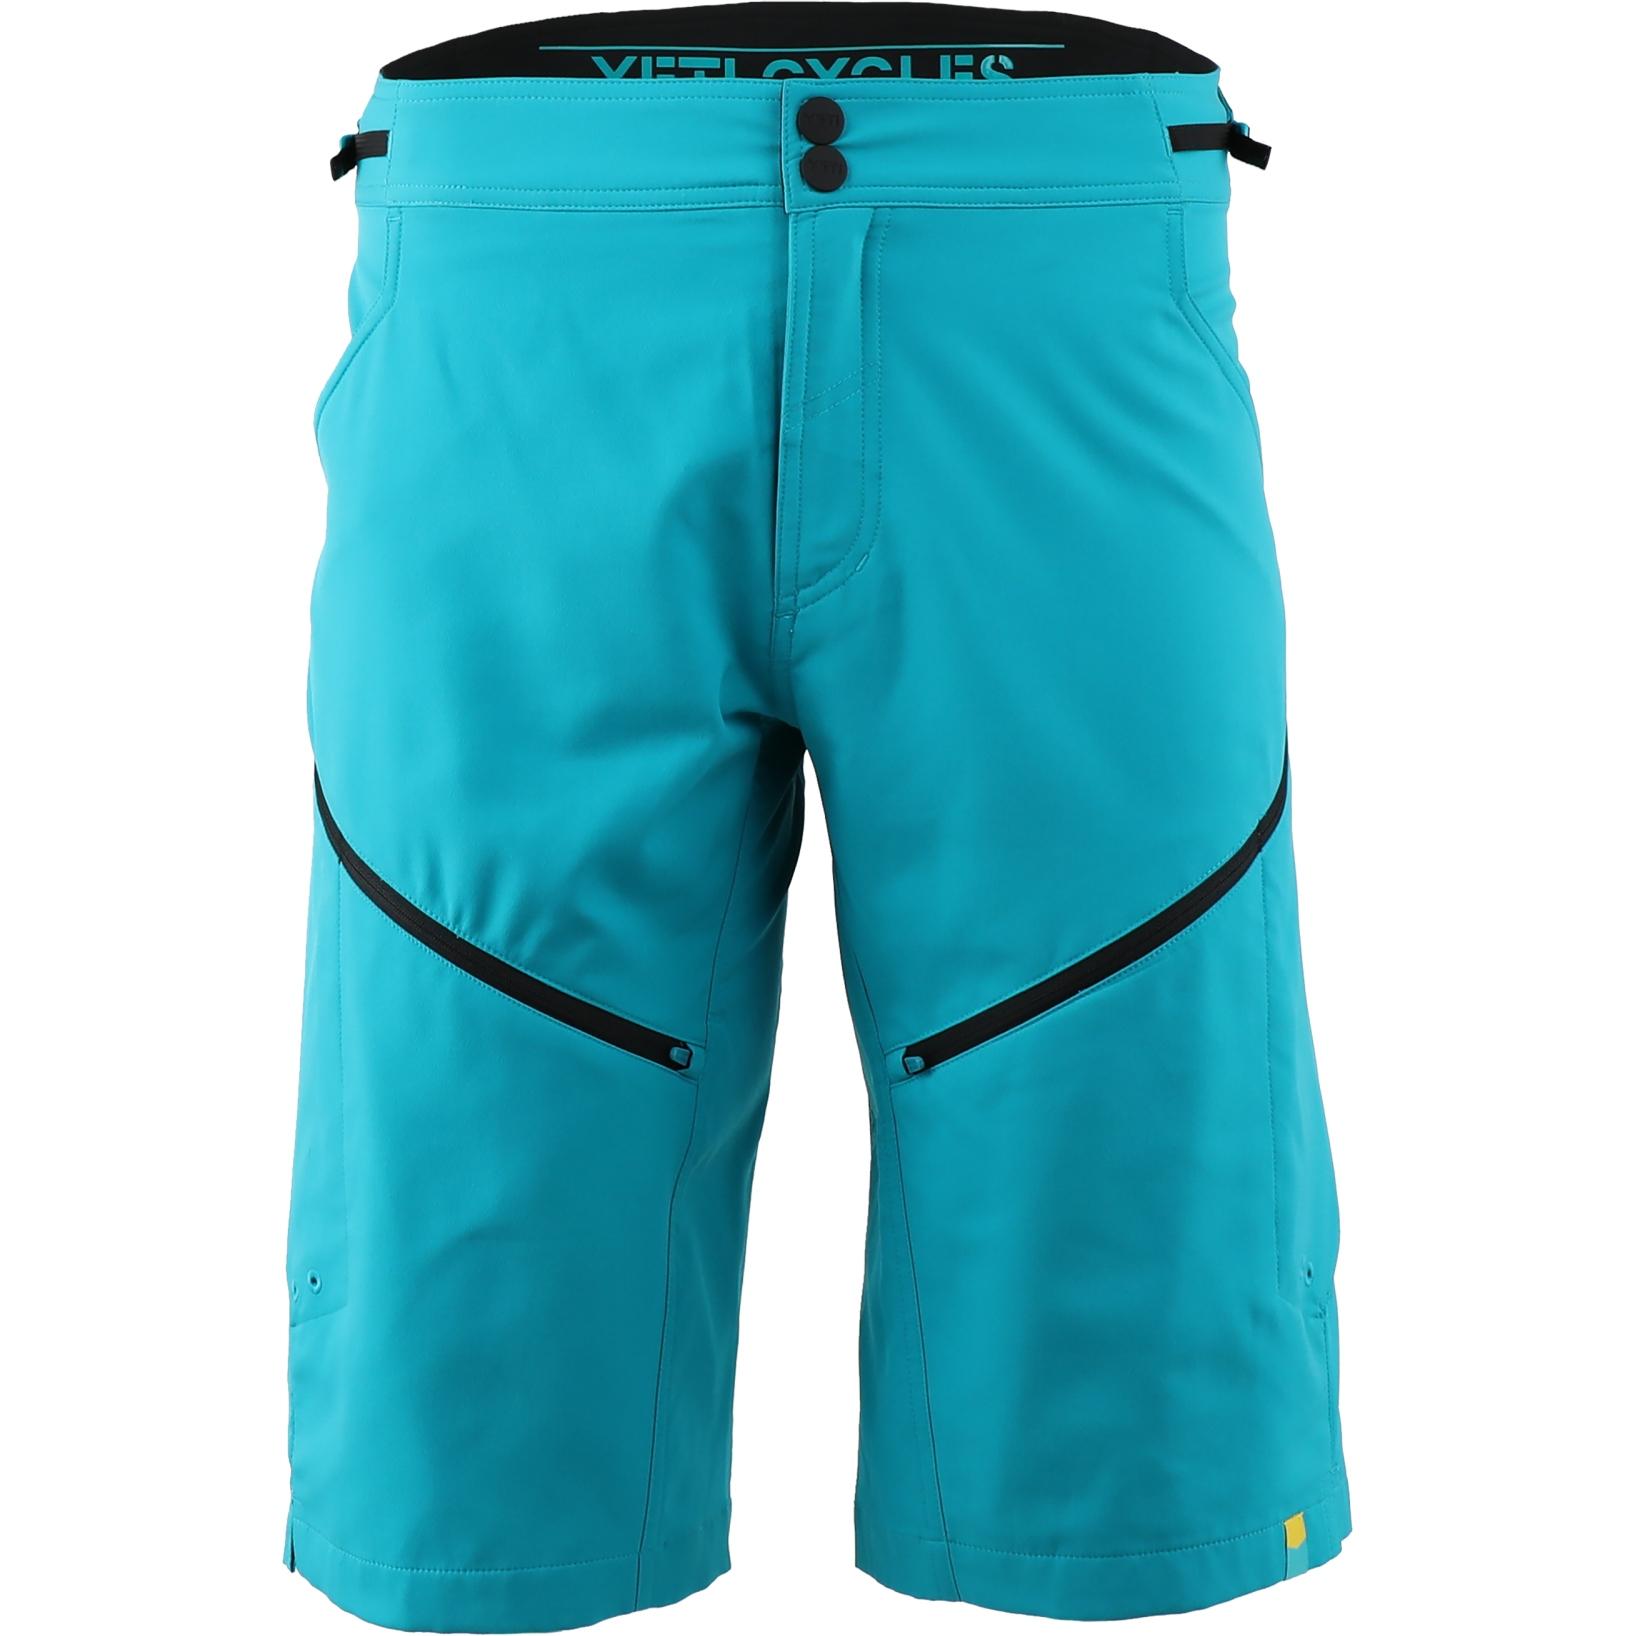 Yeti Cycles Freeland 2.0 Shorts - Turquoise